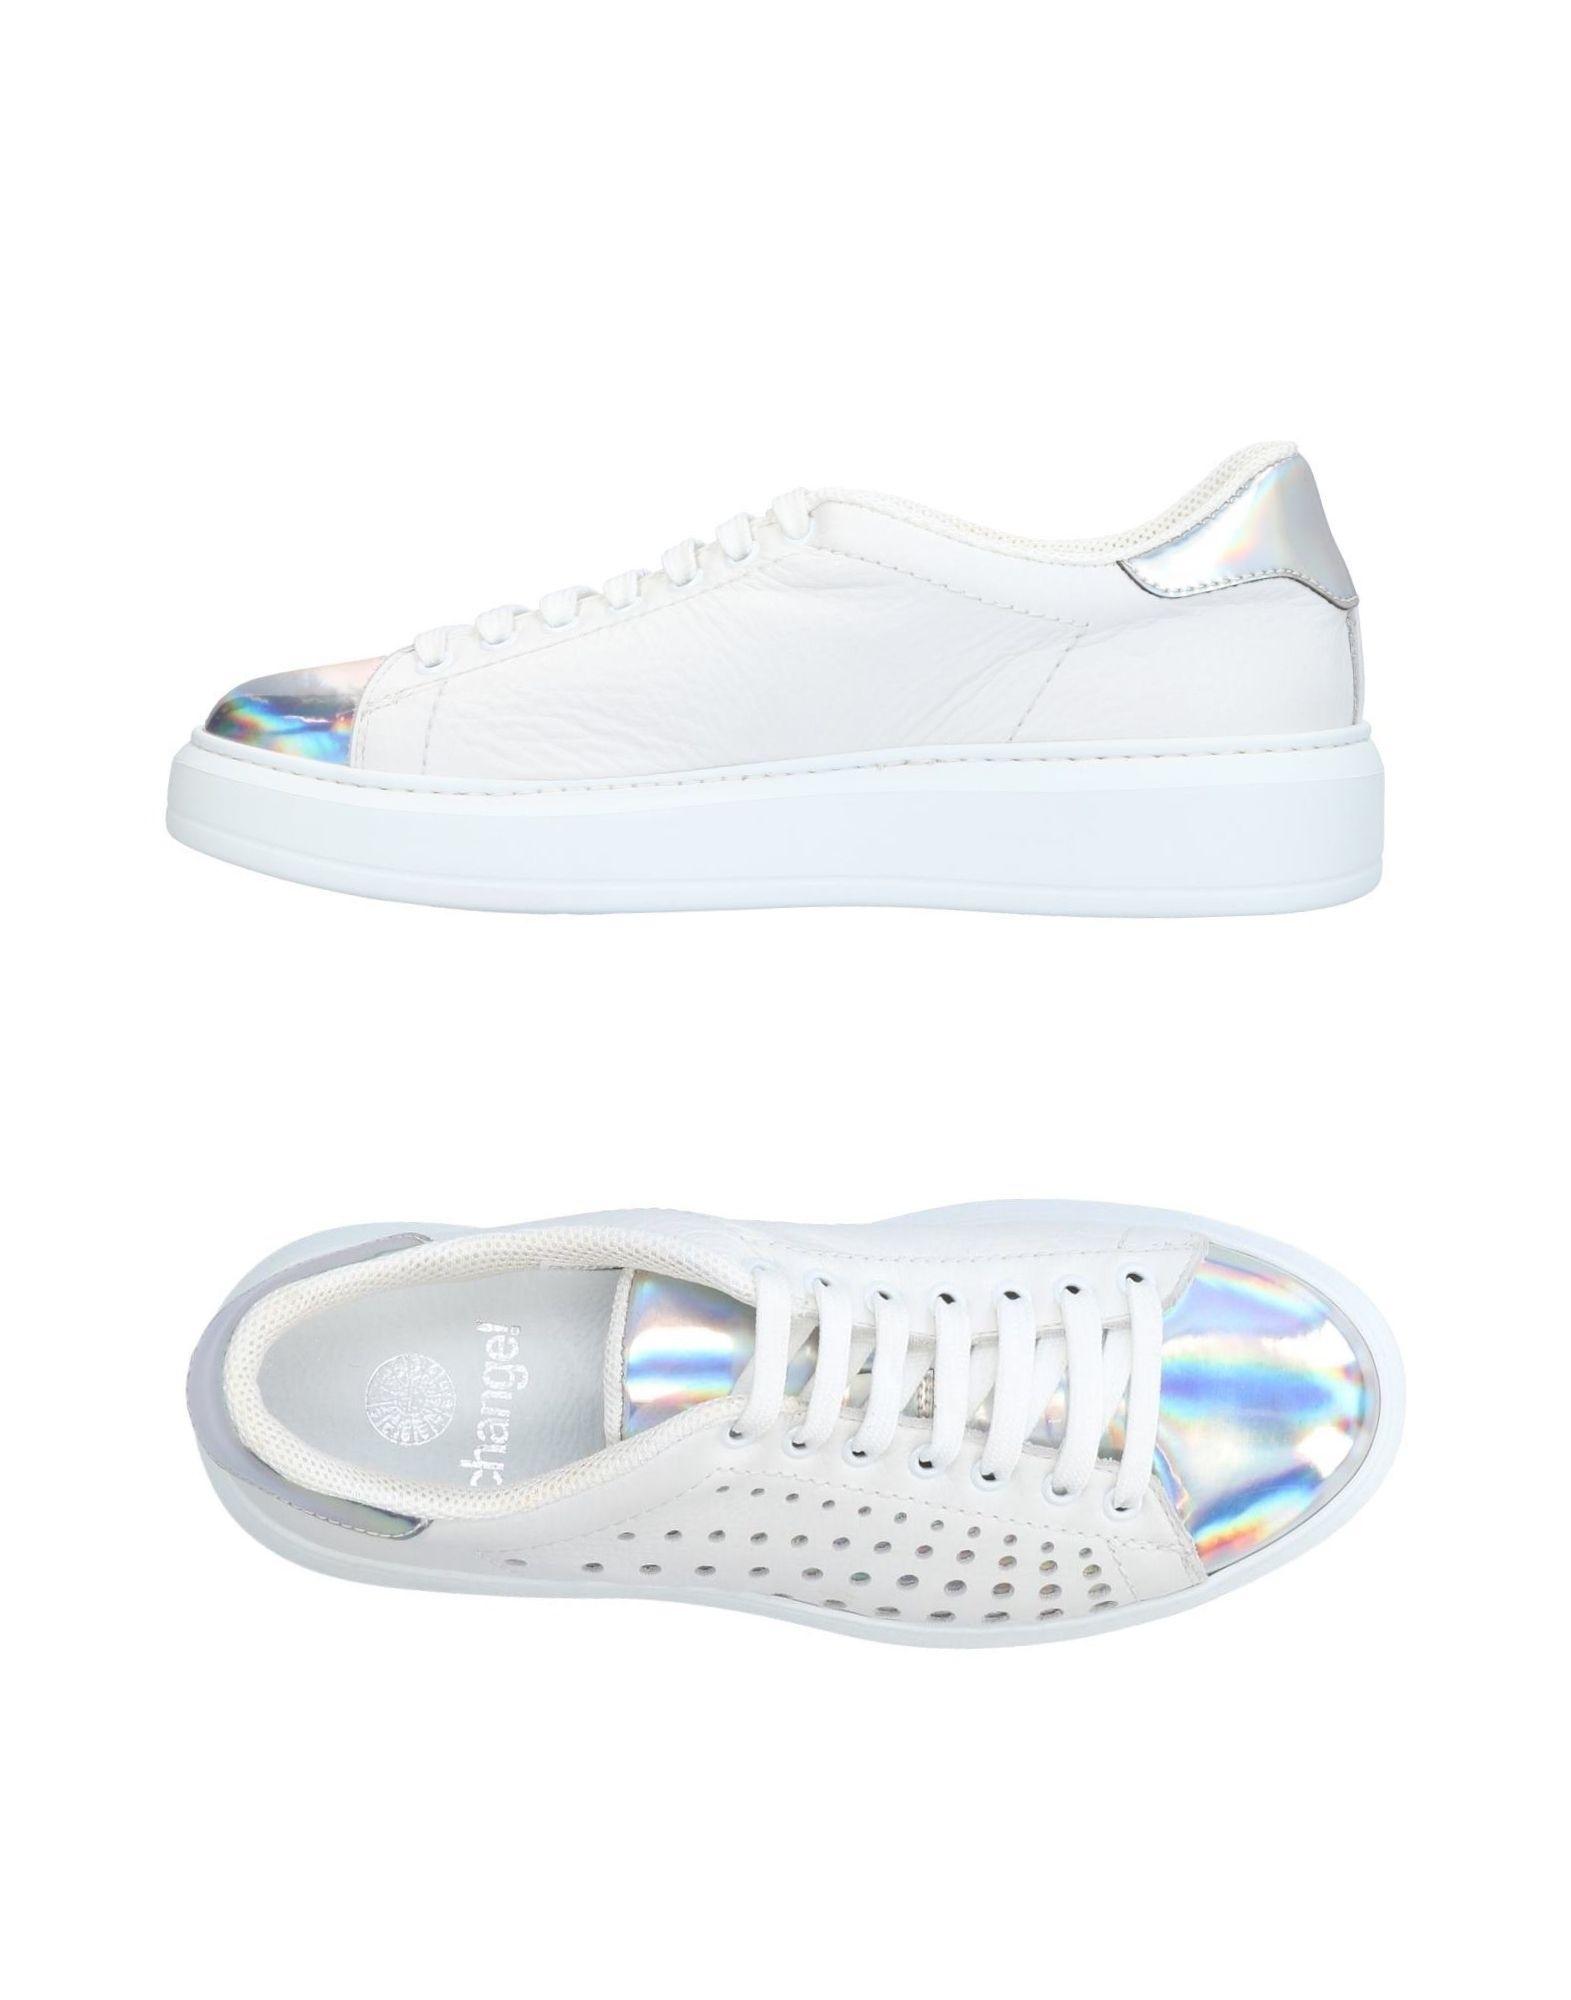 Change Sneakers Damen  11459899OV   11459899OV a31241